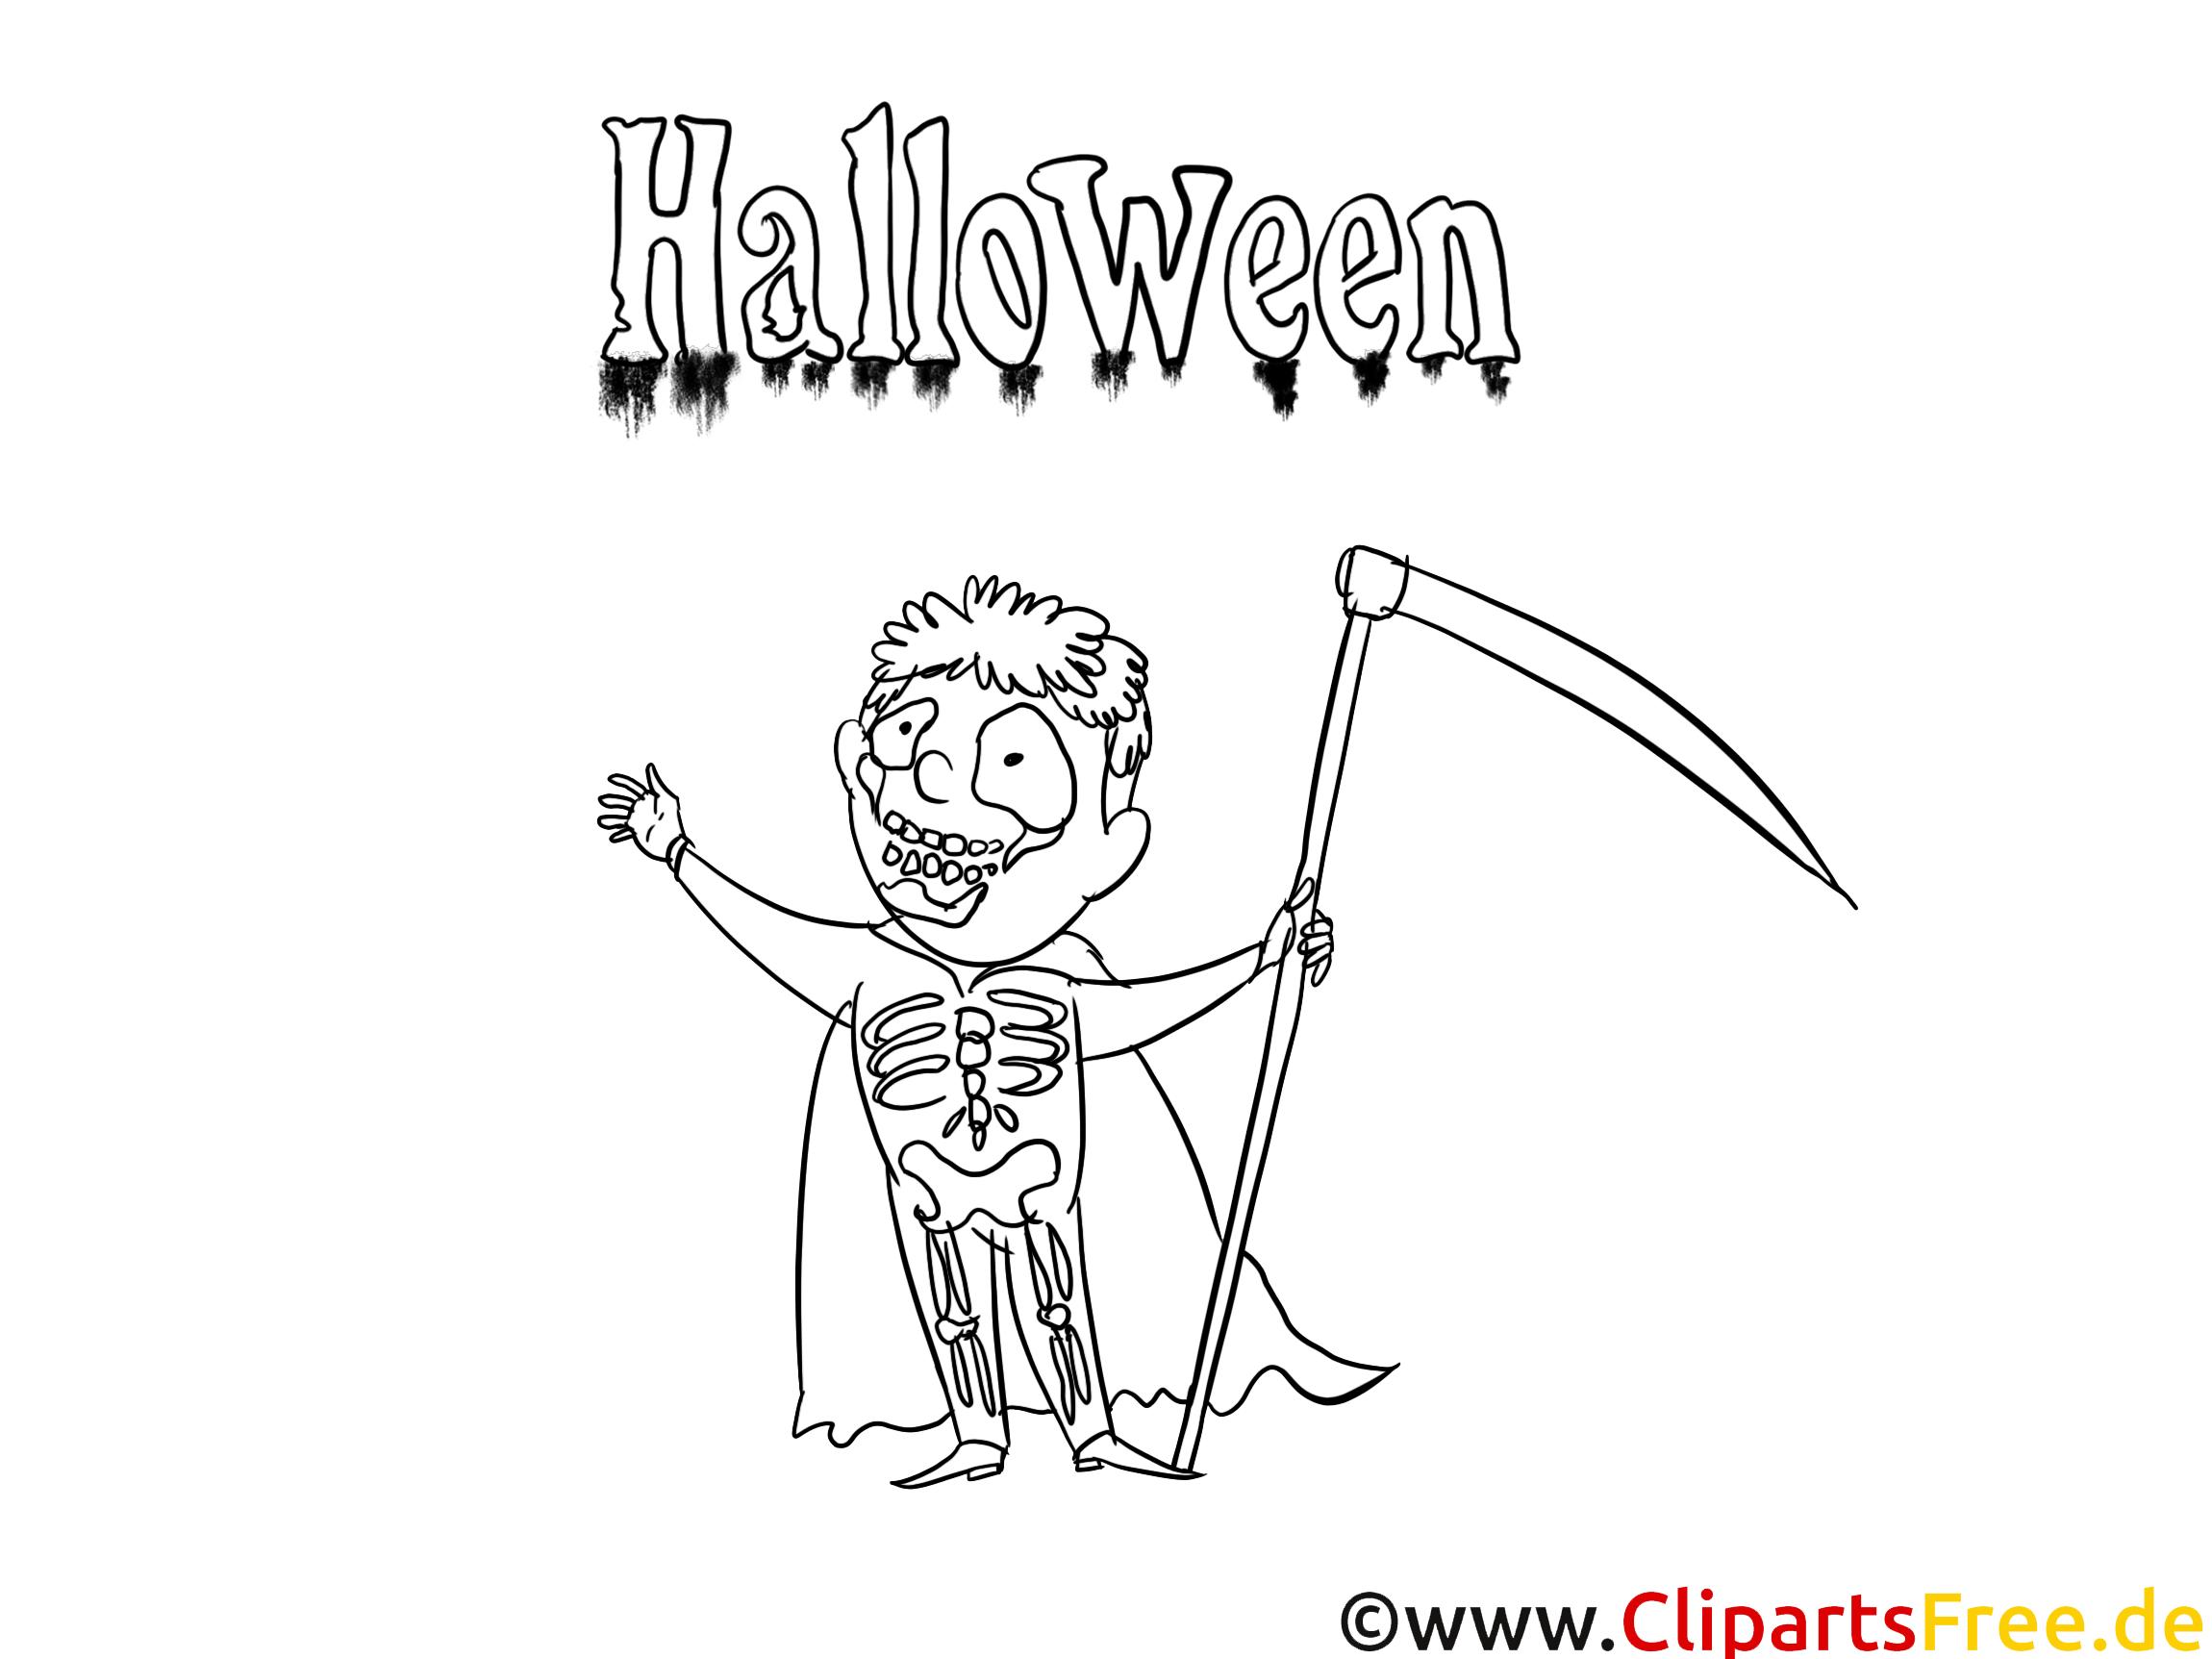 Halloween Bilder zum Drucken und Malen